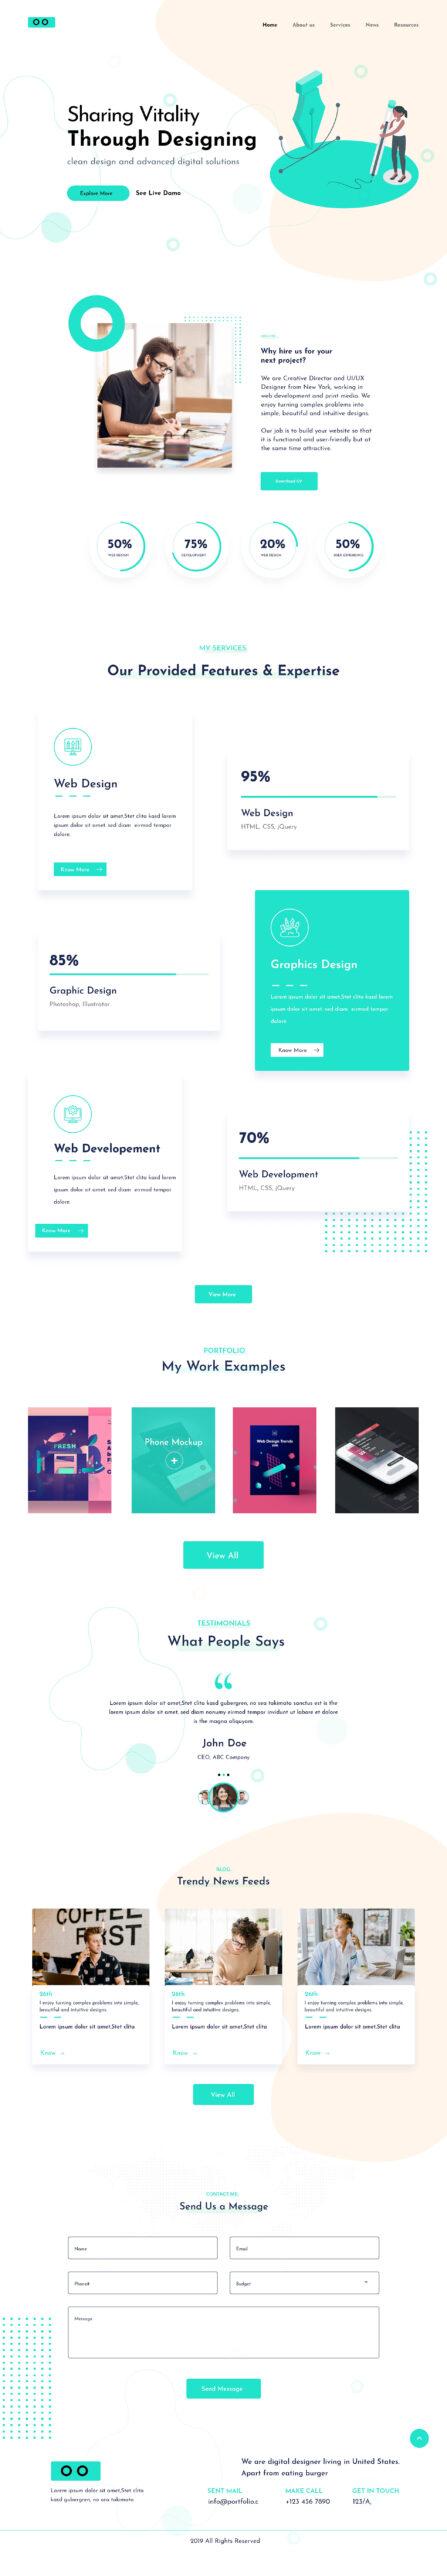 创意设计代理网站着陆页设计模板插图